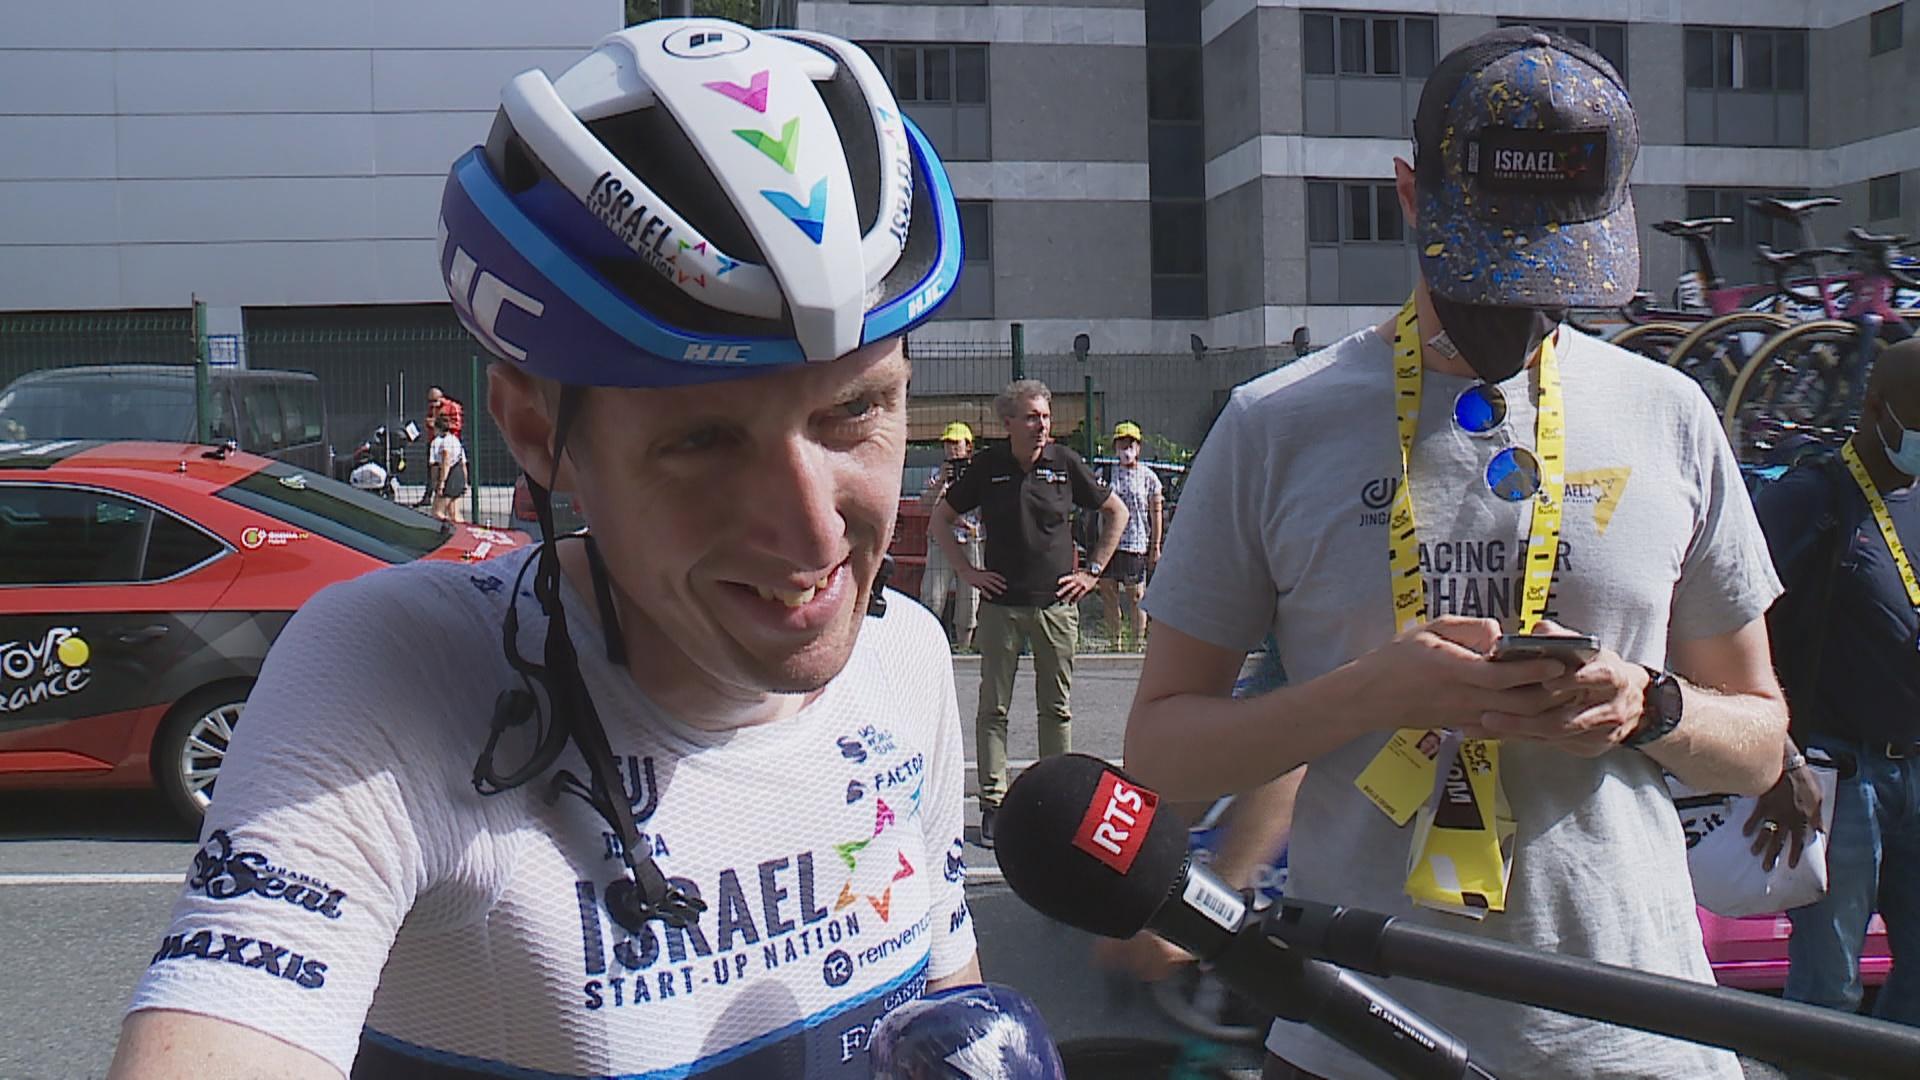 El resident Dan Martin deixa el ciclisme professional